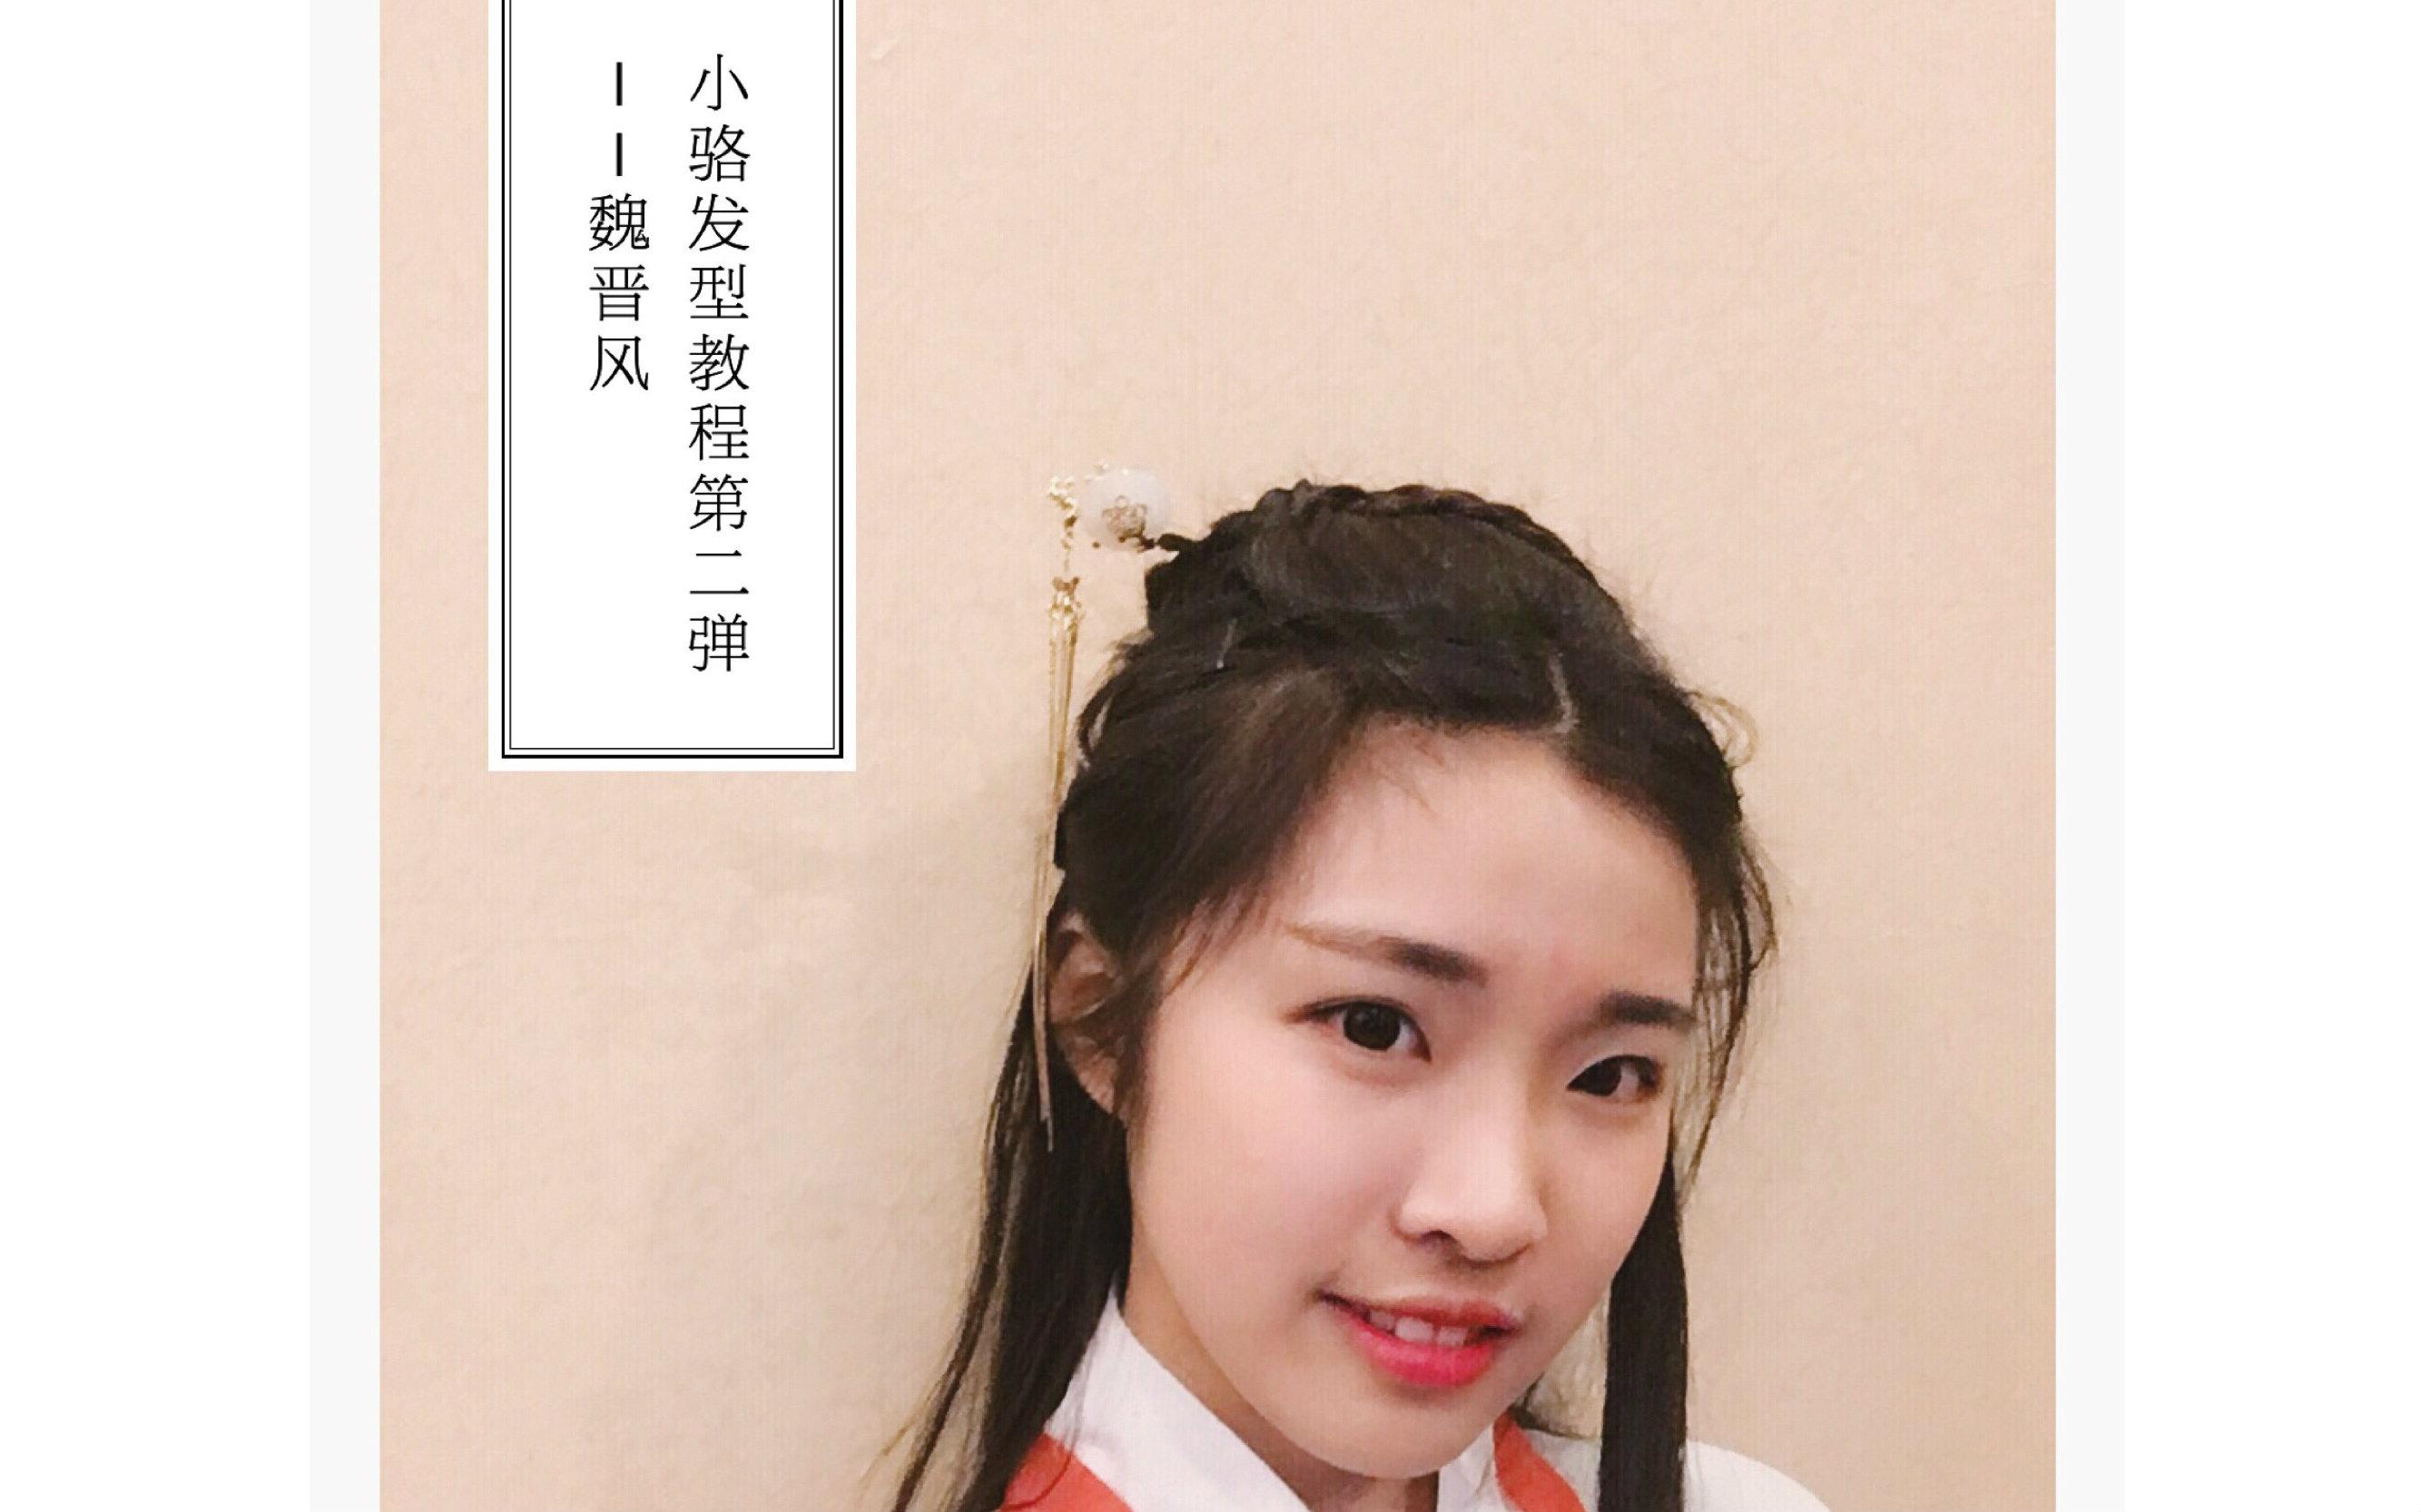 小骆汉服发型教程第二弹——魏晋风图片